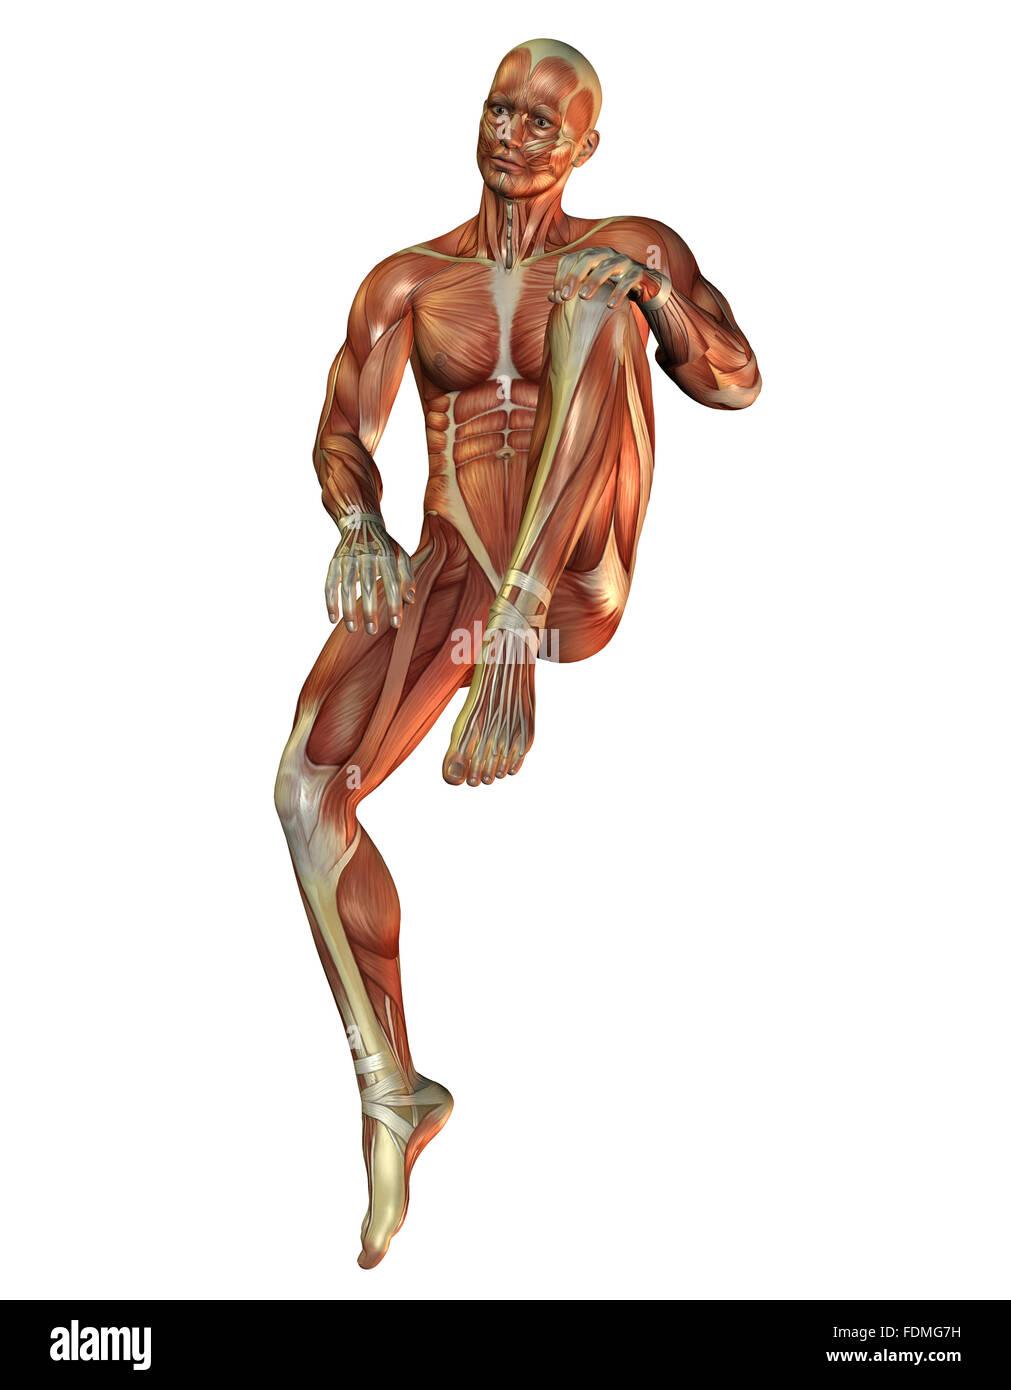 Berühmt Mimik Muskeln Anatomie Bilder - Menschliche Anatomie Bilder ...